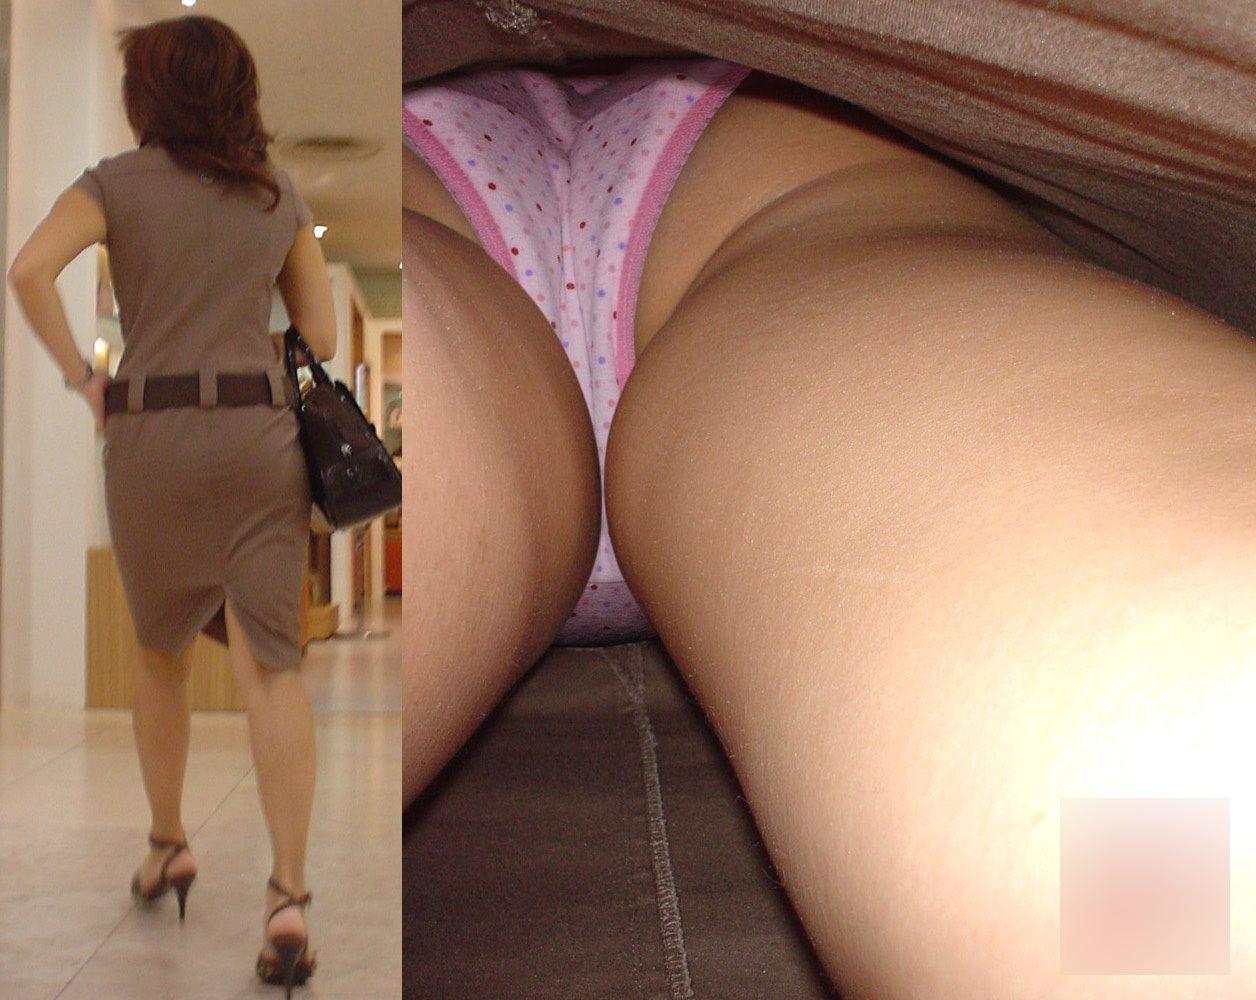 人妻が意外と可愛い下着を履いていた!